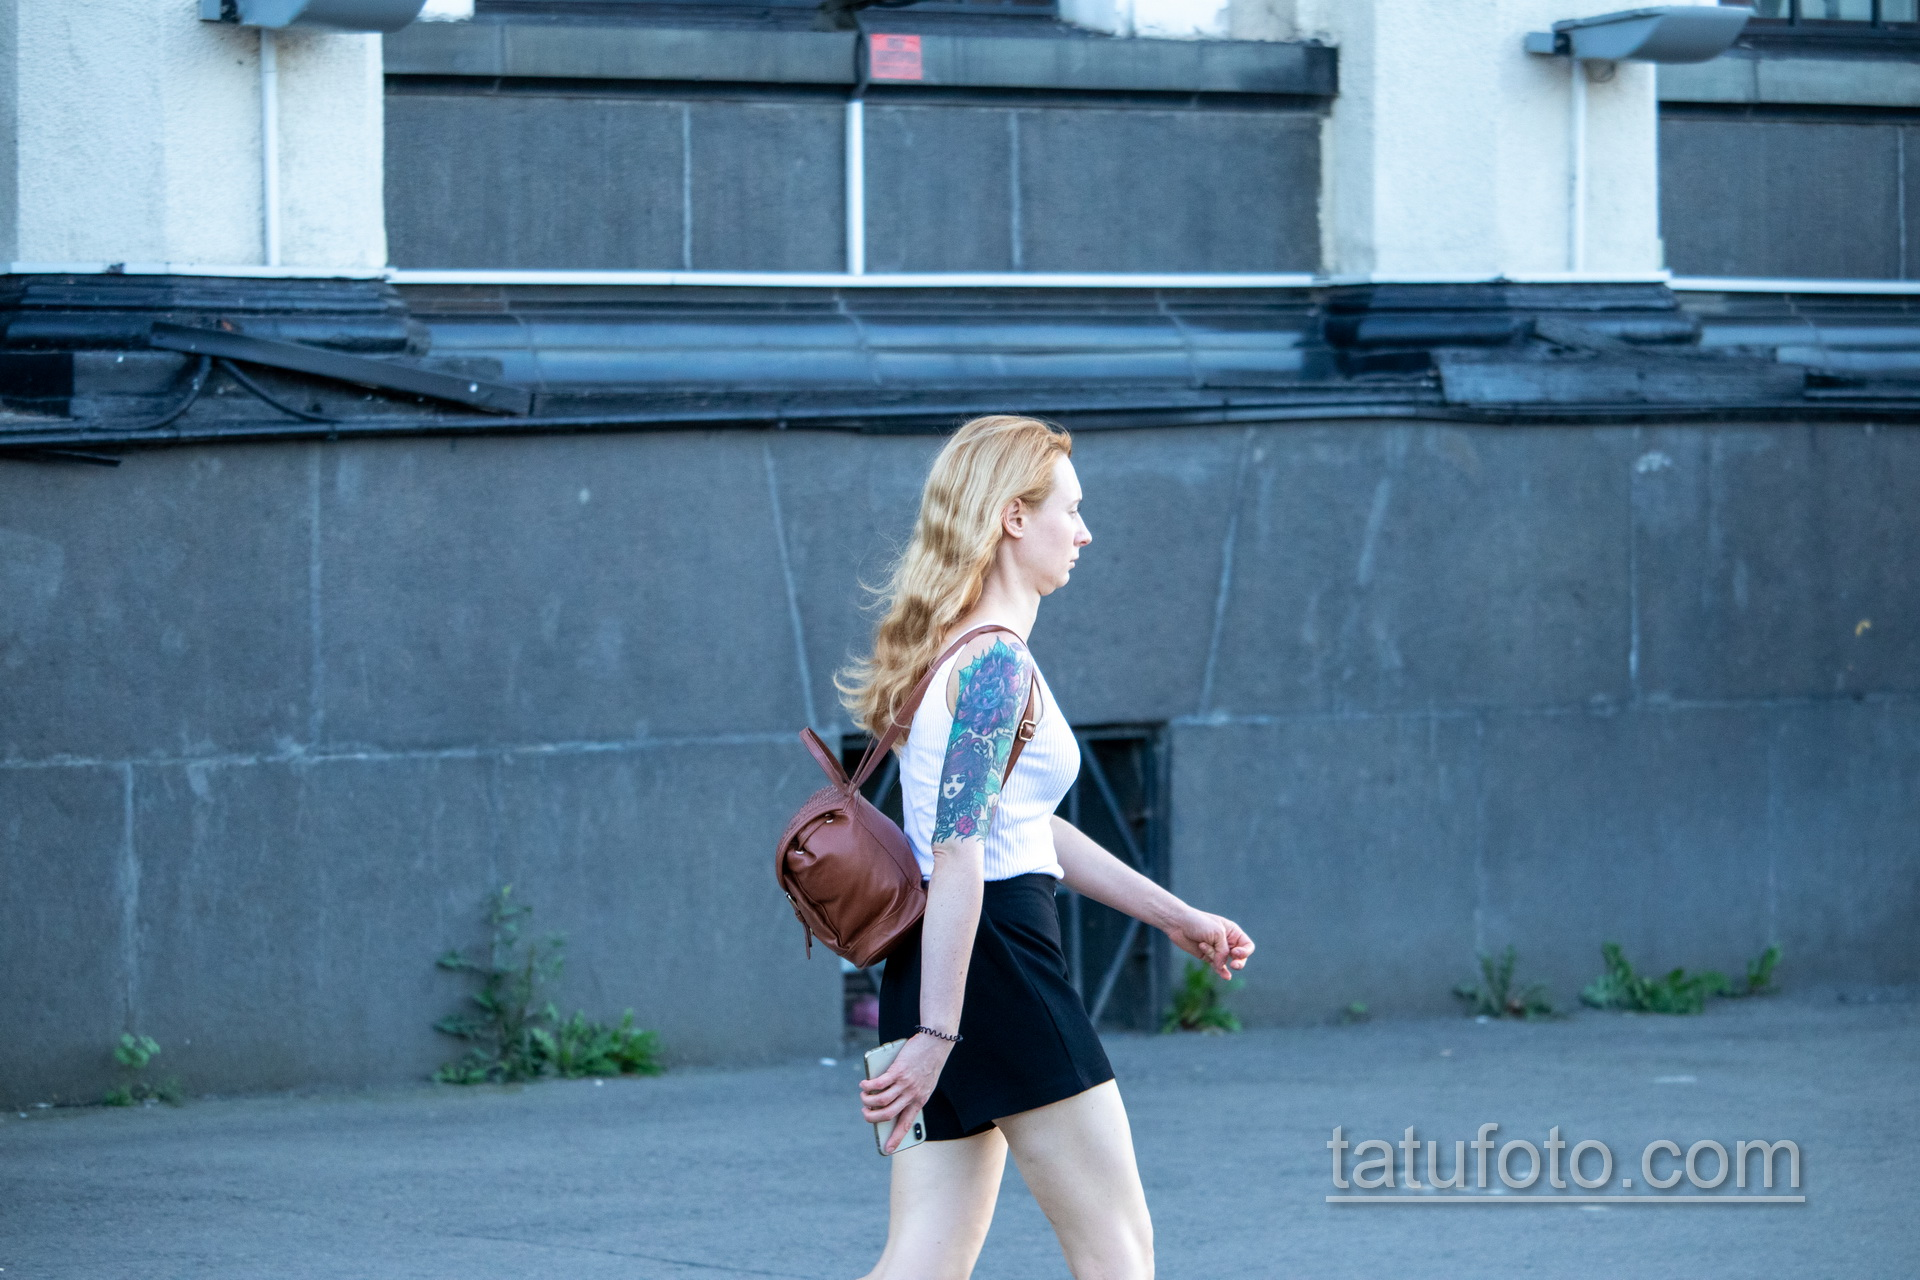 Тату на правой руке девушки с лицом – ягодами и цветами - Уличная татуировка – tatufoto.com 1